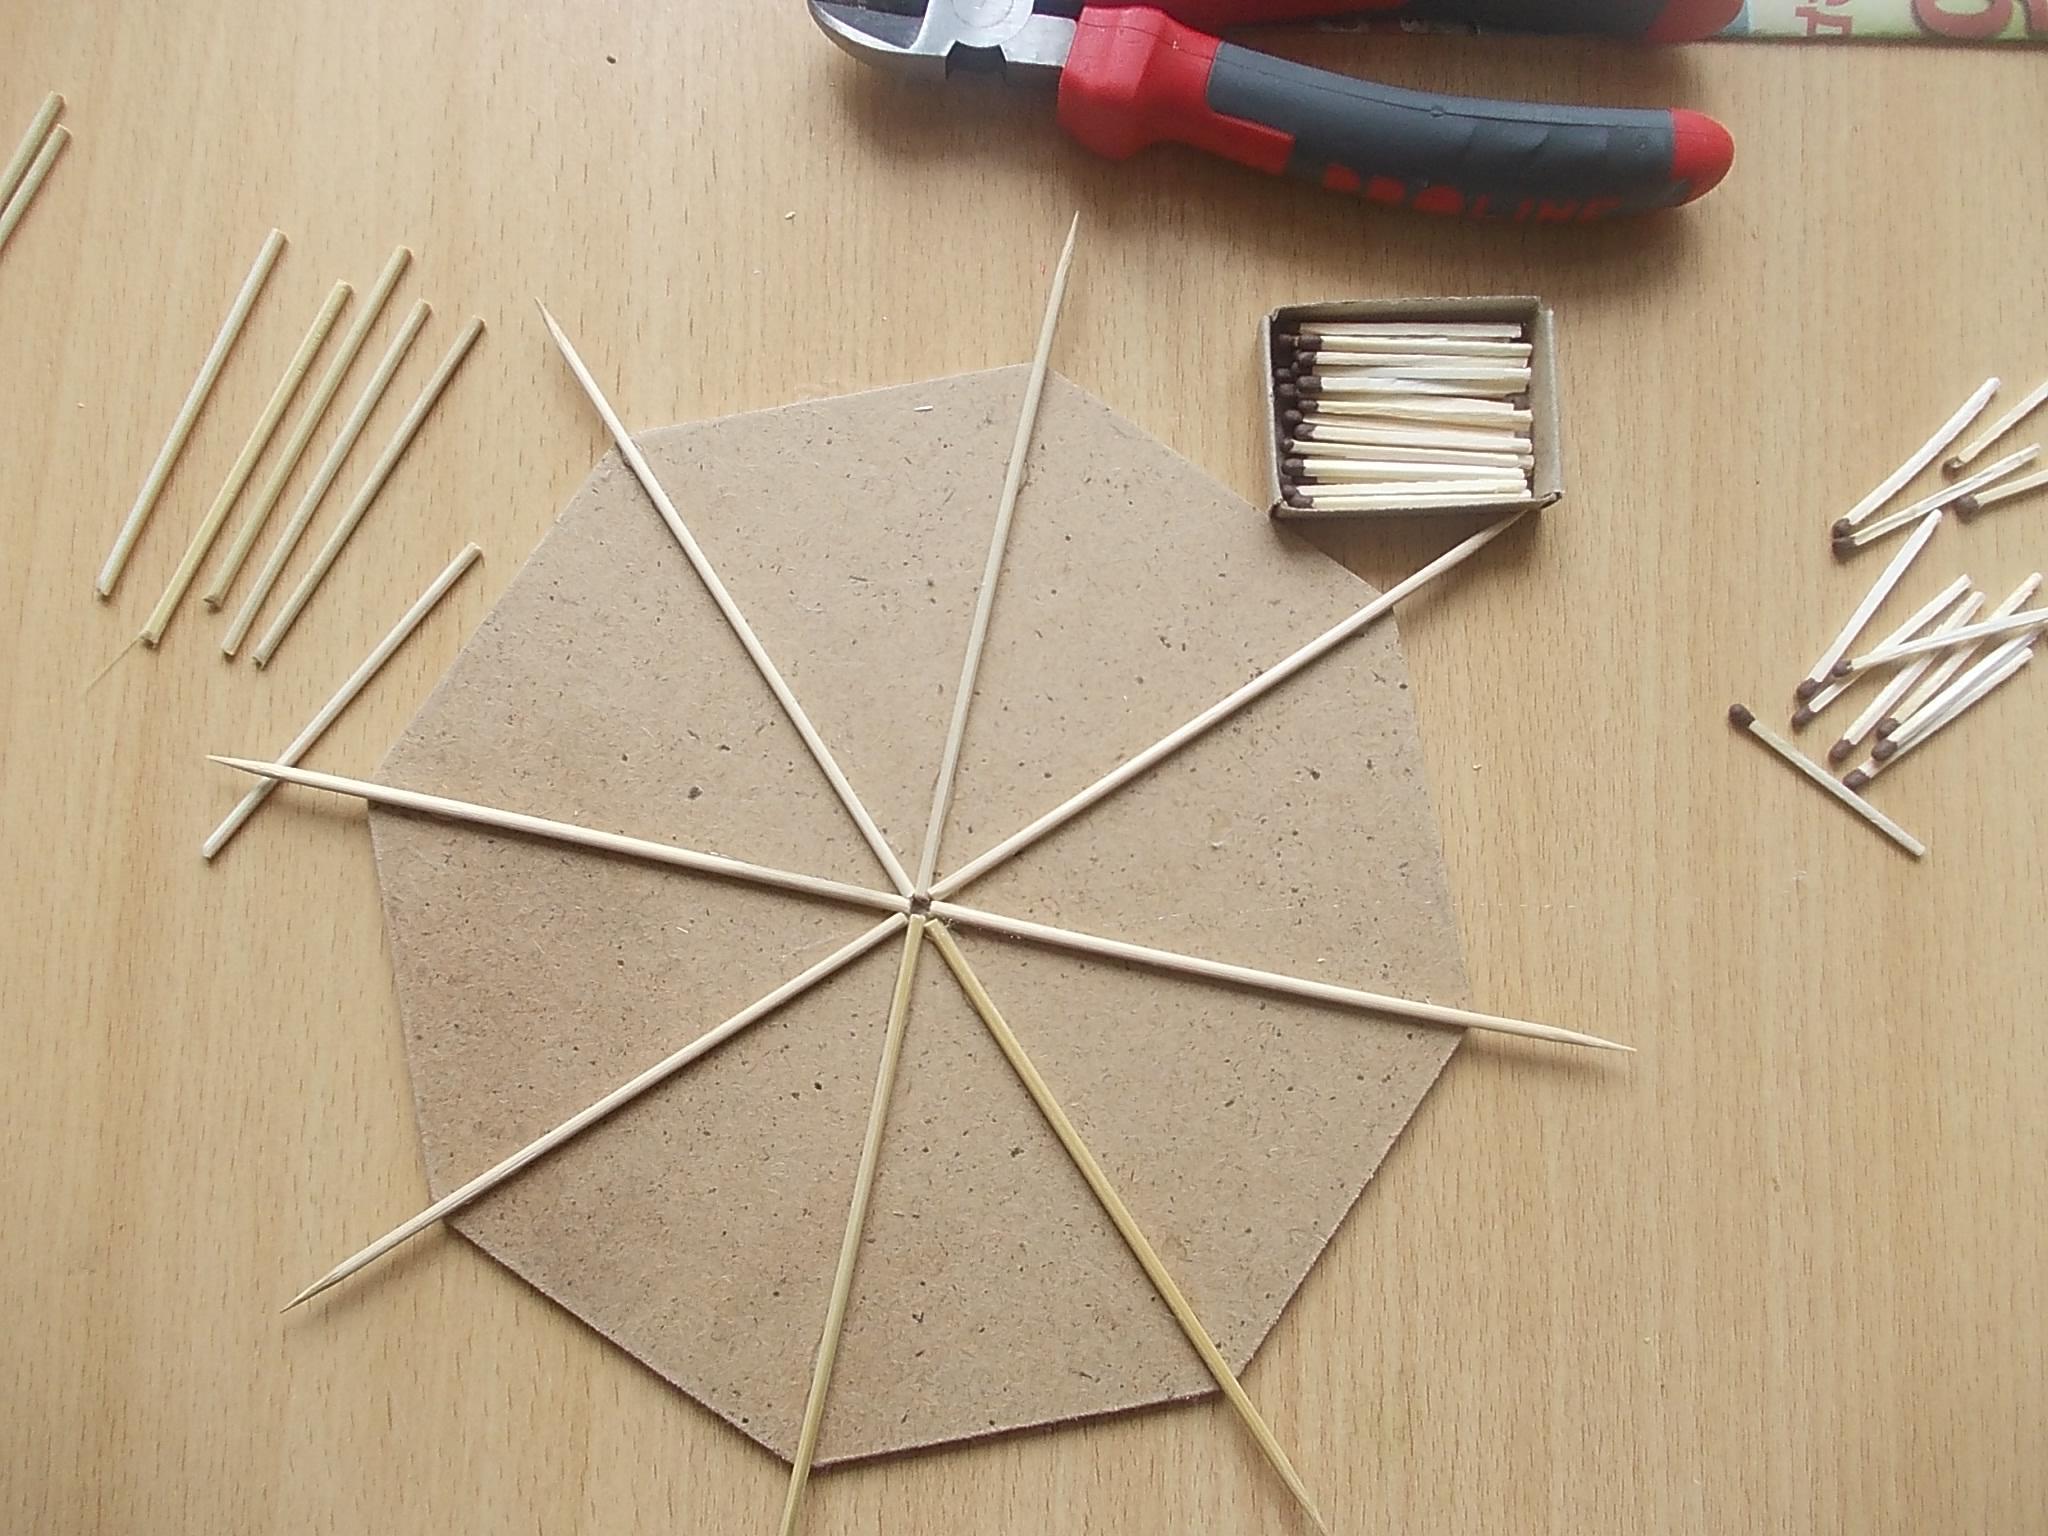 панно из деревянных шпажек своими руками фото количество